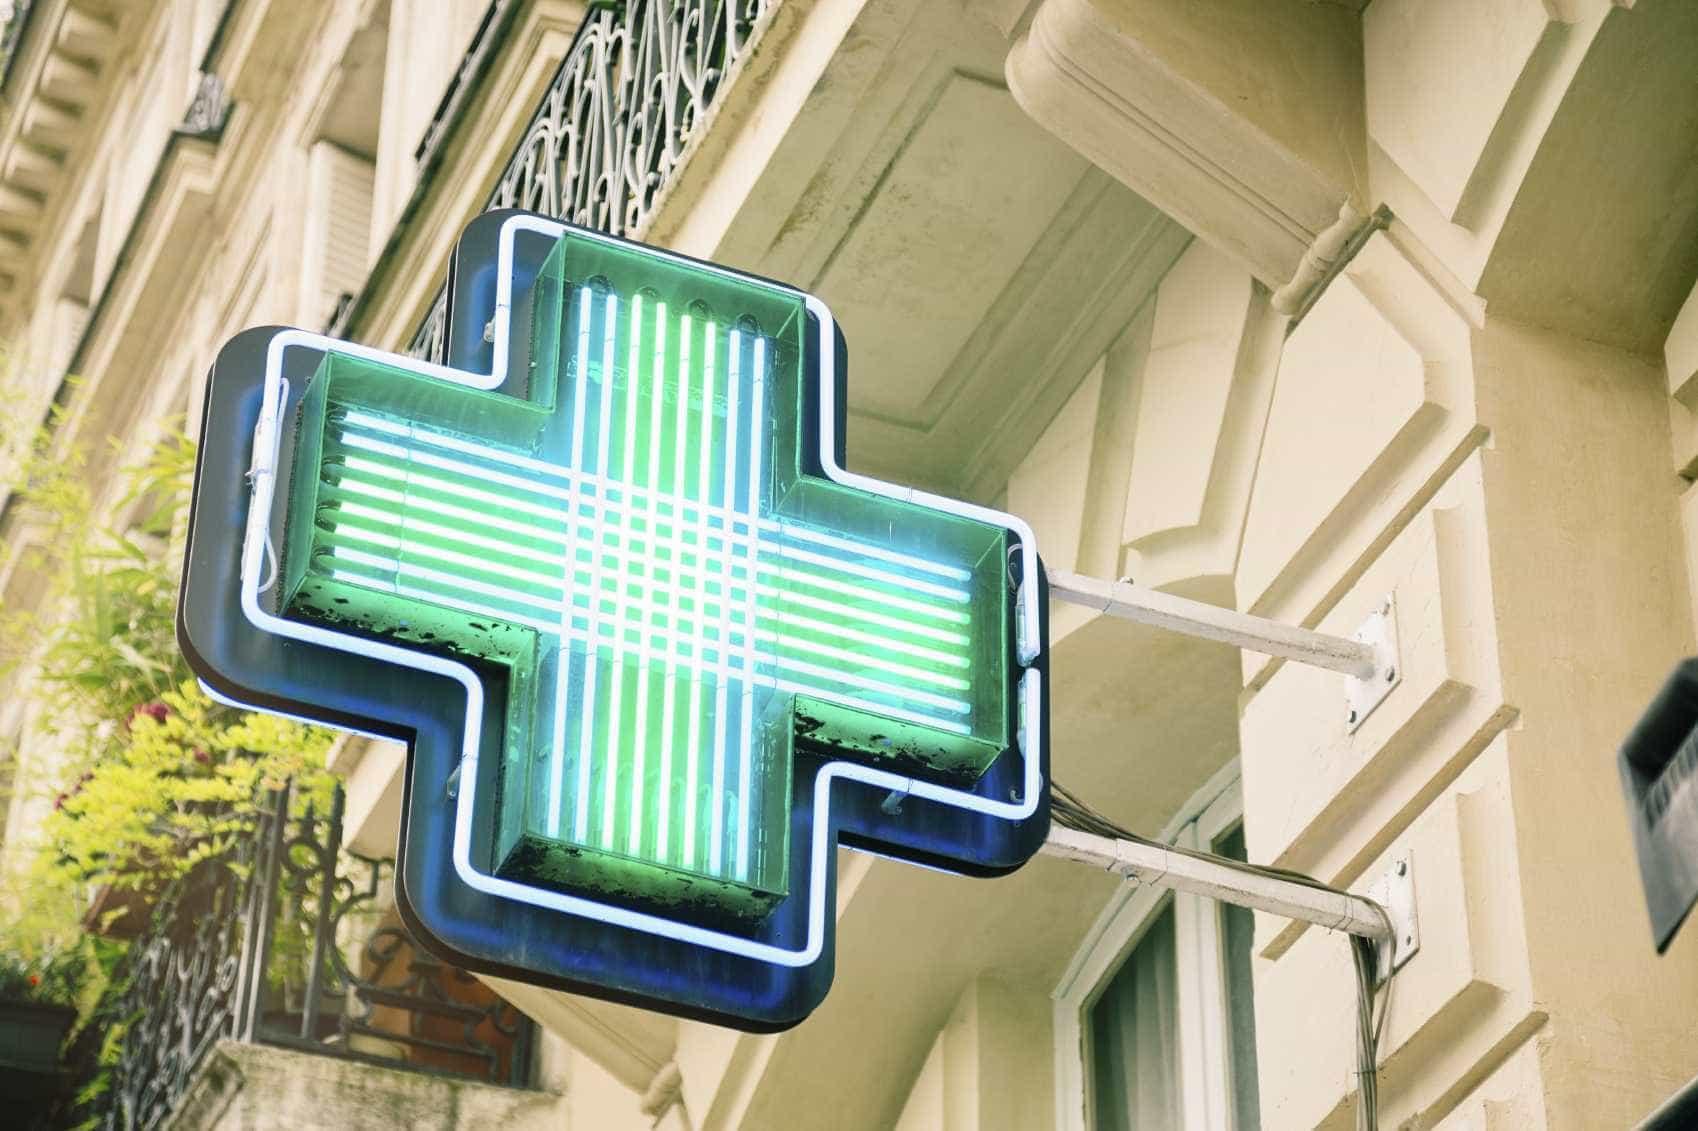 Burla de farmacêuticos do Porto fica reduzida a falsidade informática